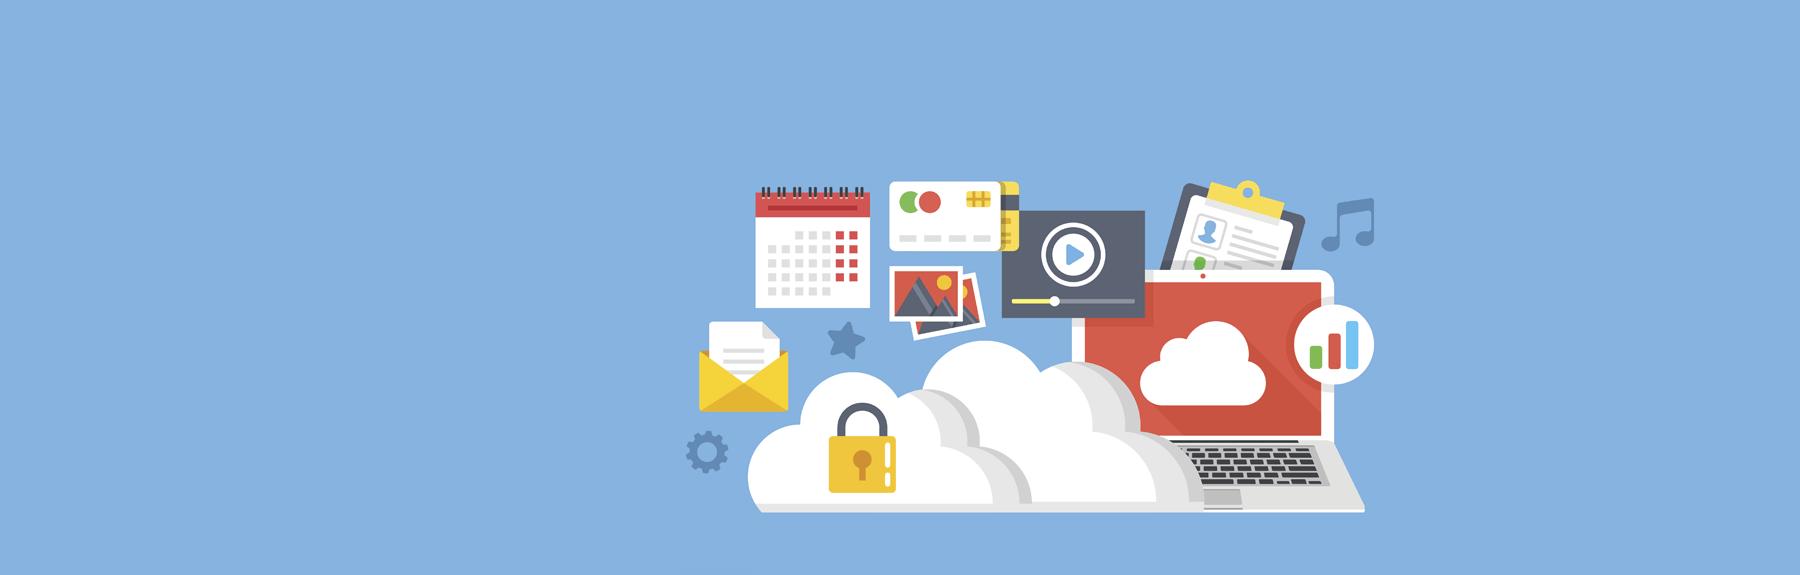 5 неожиданных способов применения Google Диск в дизайне